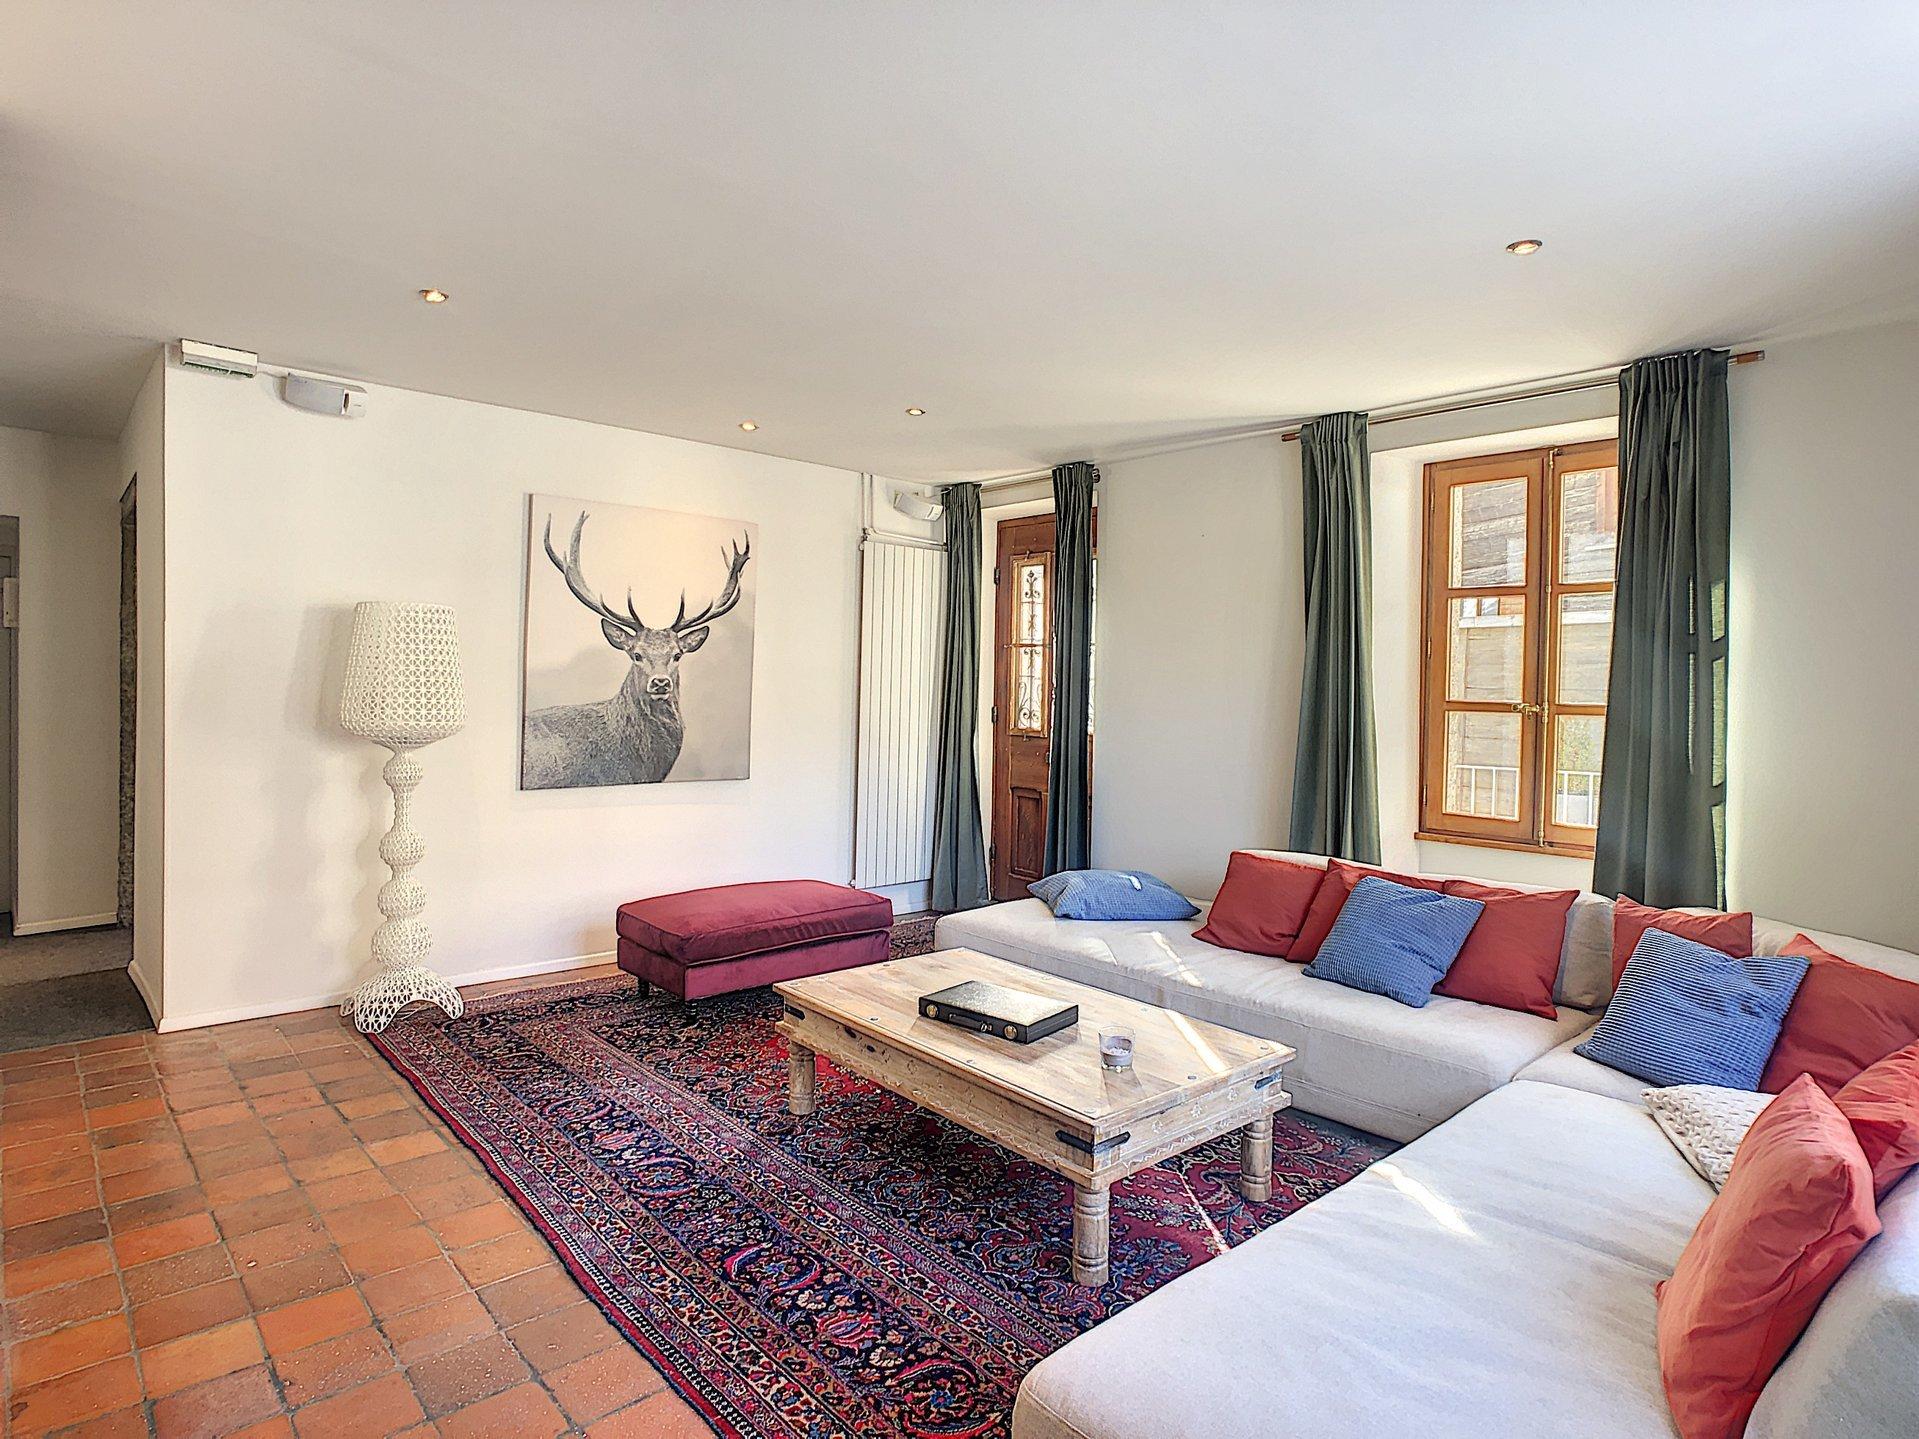 Maison 8 chambres, Argentière village, Chamonix Mont-Blanc